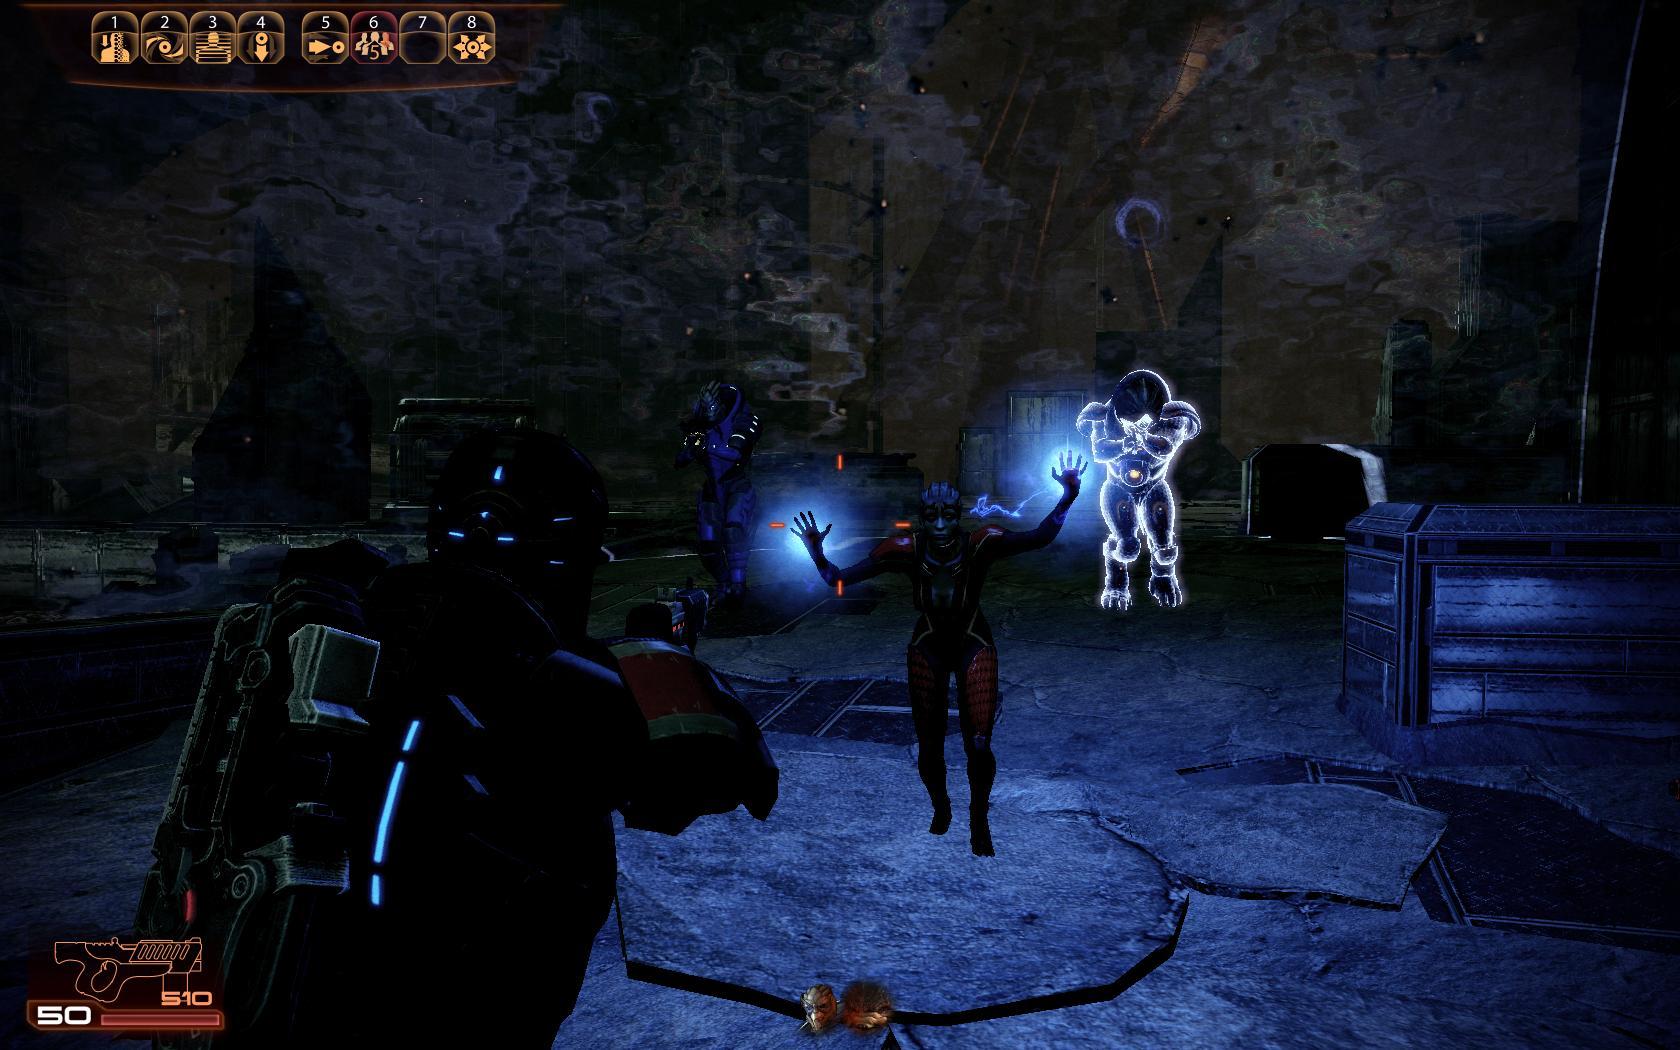 Recenze Mass Effect 2 - RPG snů? 9369